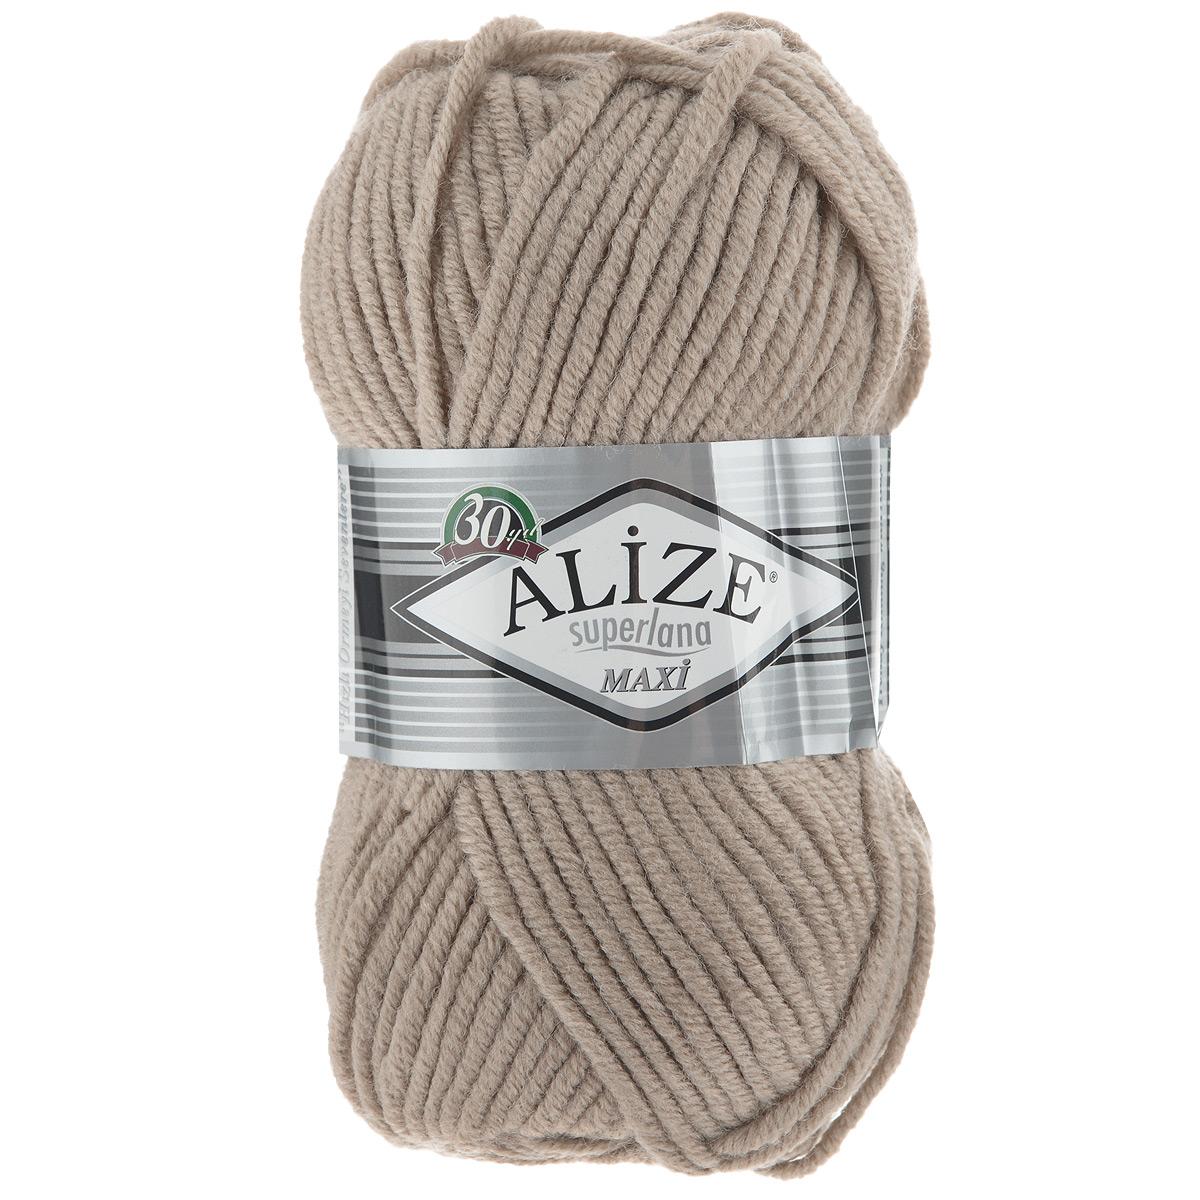 Пряжа для вязания Alize Superlana Maxi, цвет: песочный (05), 100 м, 100 г, 5 шт364131_05Пряжа Alize Superlana Maxi обладает плотной скруткой (немного напоминает шнурок), при этом нить мягкая, чуть упругая. Благодаря составу и скрутке петли отлично ложатся одна к другой, вязаное полотно получается ровное и однородное. Пряжа с умеренным, недлинным ворсом, отлично ложится в узор и держит его. Мягкая, очень комфортная как для работы, так и для носки. В качестве моделей для вязки можно рекомендовать плотные вещи: пальто, осенние длинные кардиганы, пончо, болеро, мужские свитера. Рассчитана на любой уровень мастерства, но особенно понравится начинающим мастерицам - благодаря толстой нити пряжа Alize Superlana Maxi позволяет быстро связать простую вещь. Структура и состав пряжи максимально комфортны для вязания. Рекомендуется для вязания на спицах 8-10 мм. Состав: 75% акрил, 25% шерсть.